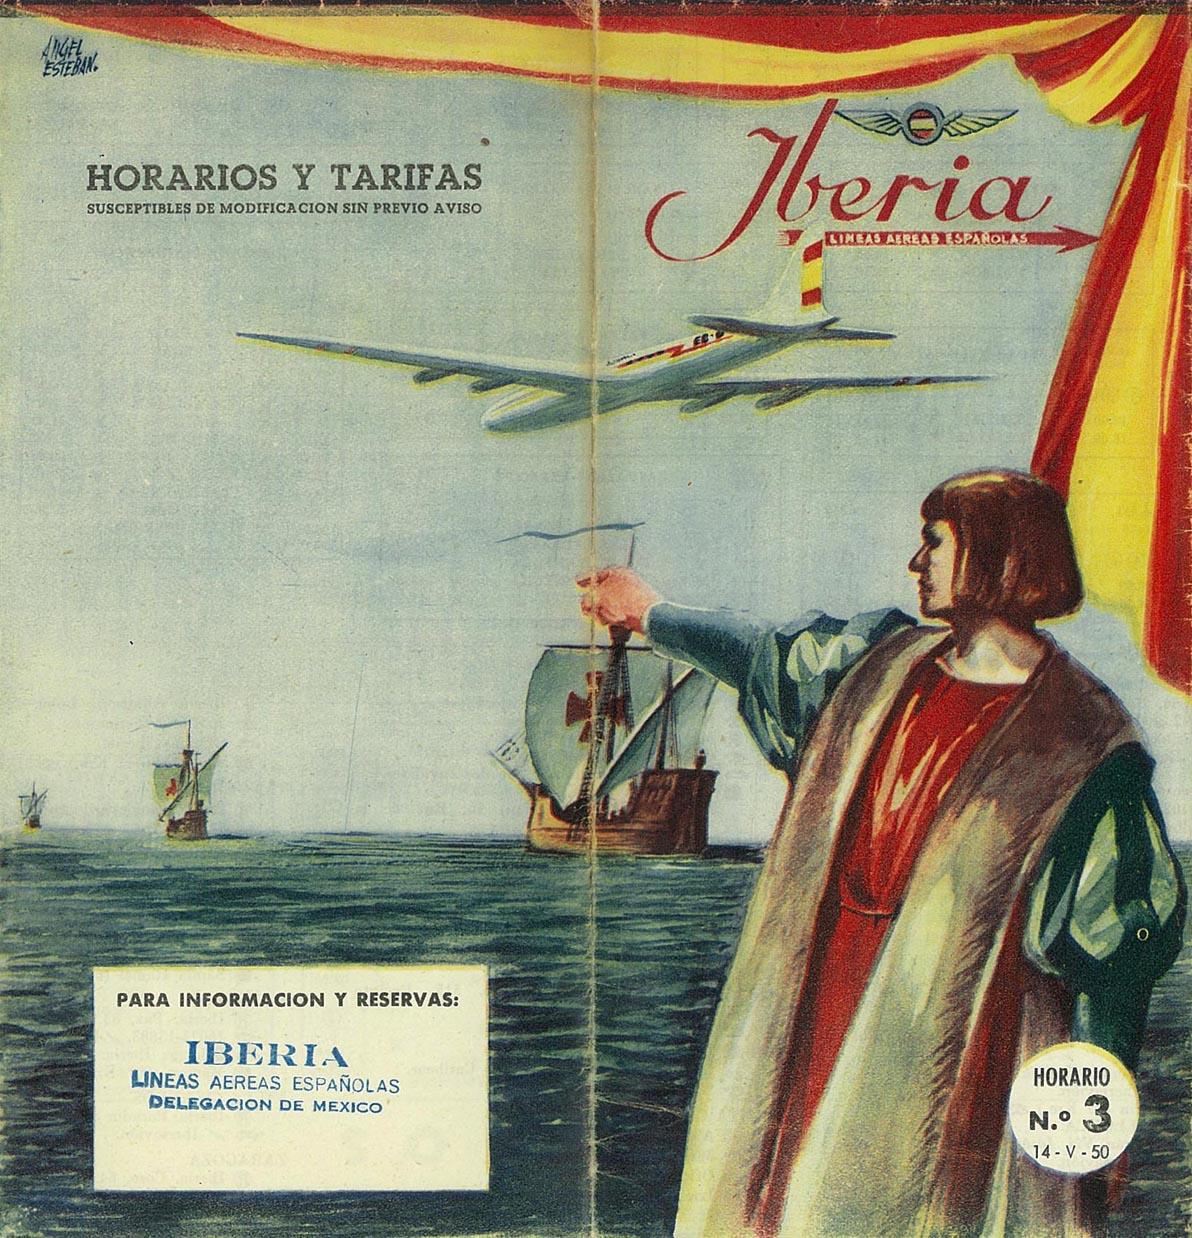 Portada de Tabla de horarios y tarifas de Iberia, de 1950. Colección de Diederik R. Vels Heijn.